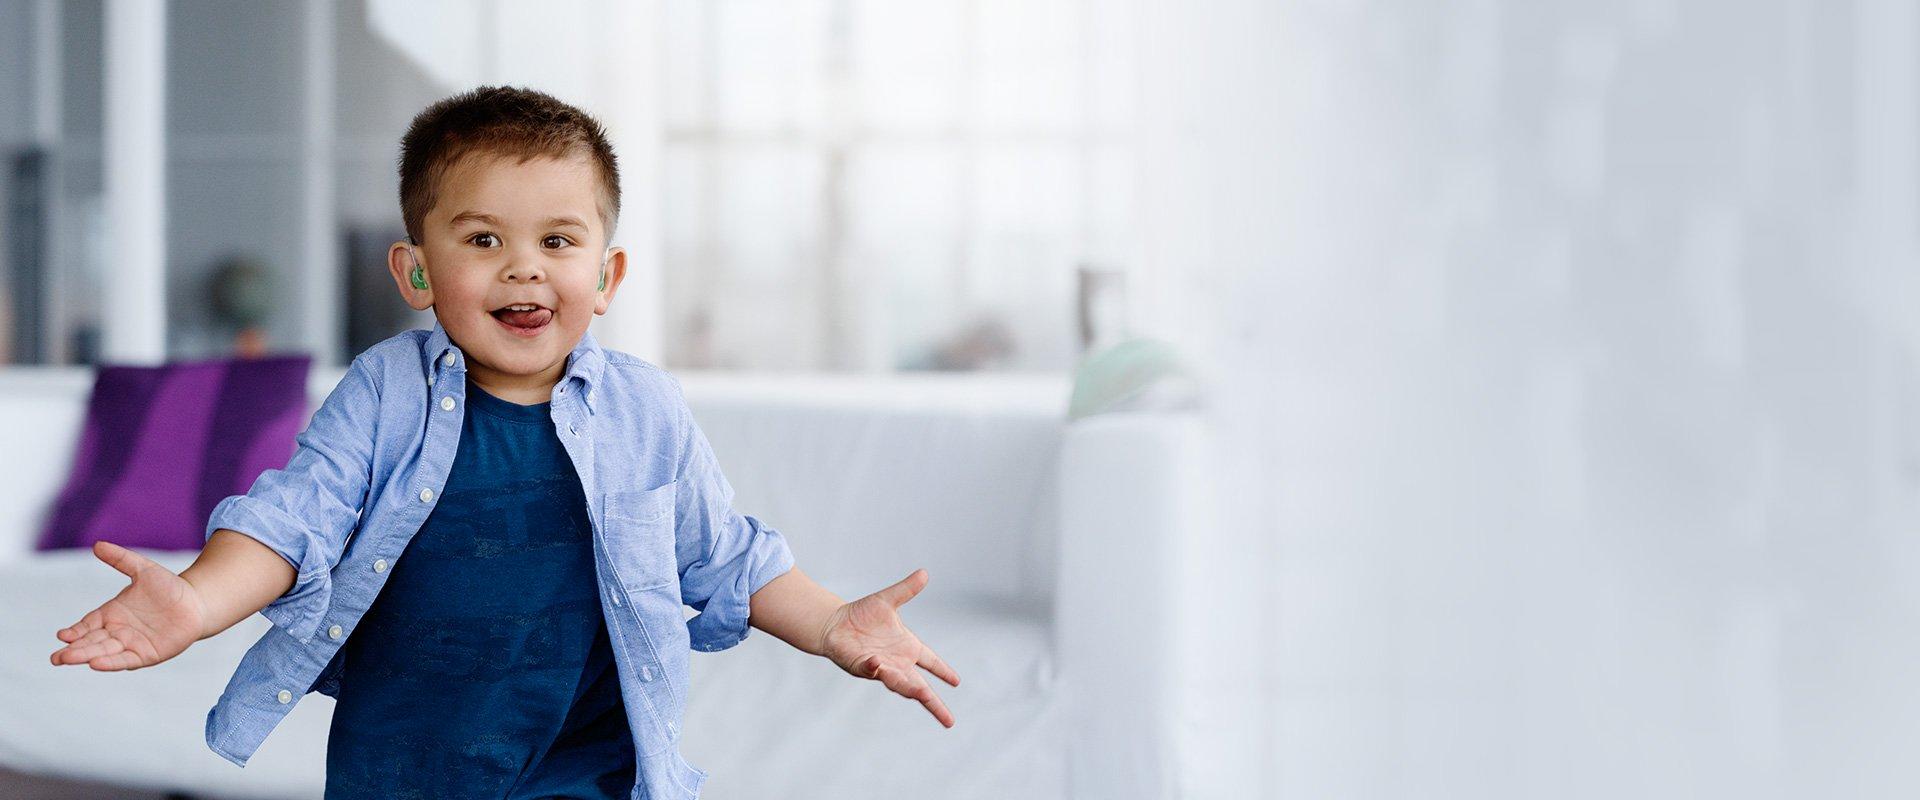 enfant joyeux bras ouverts avec appareils auditifs